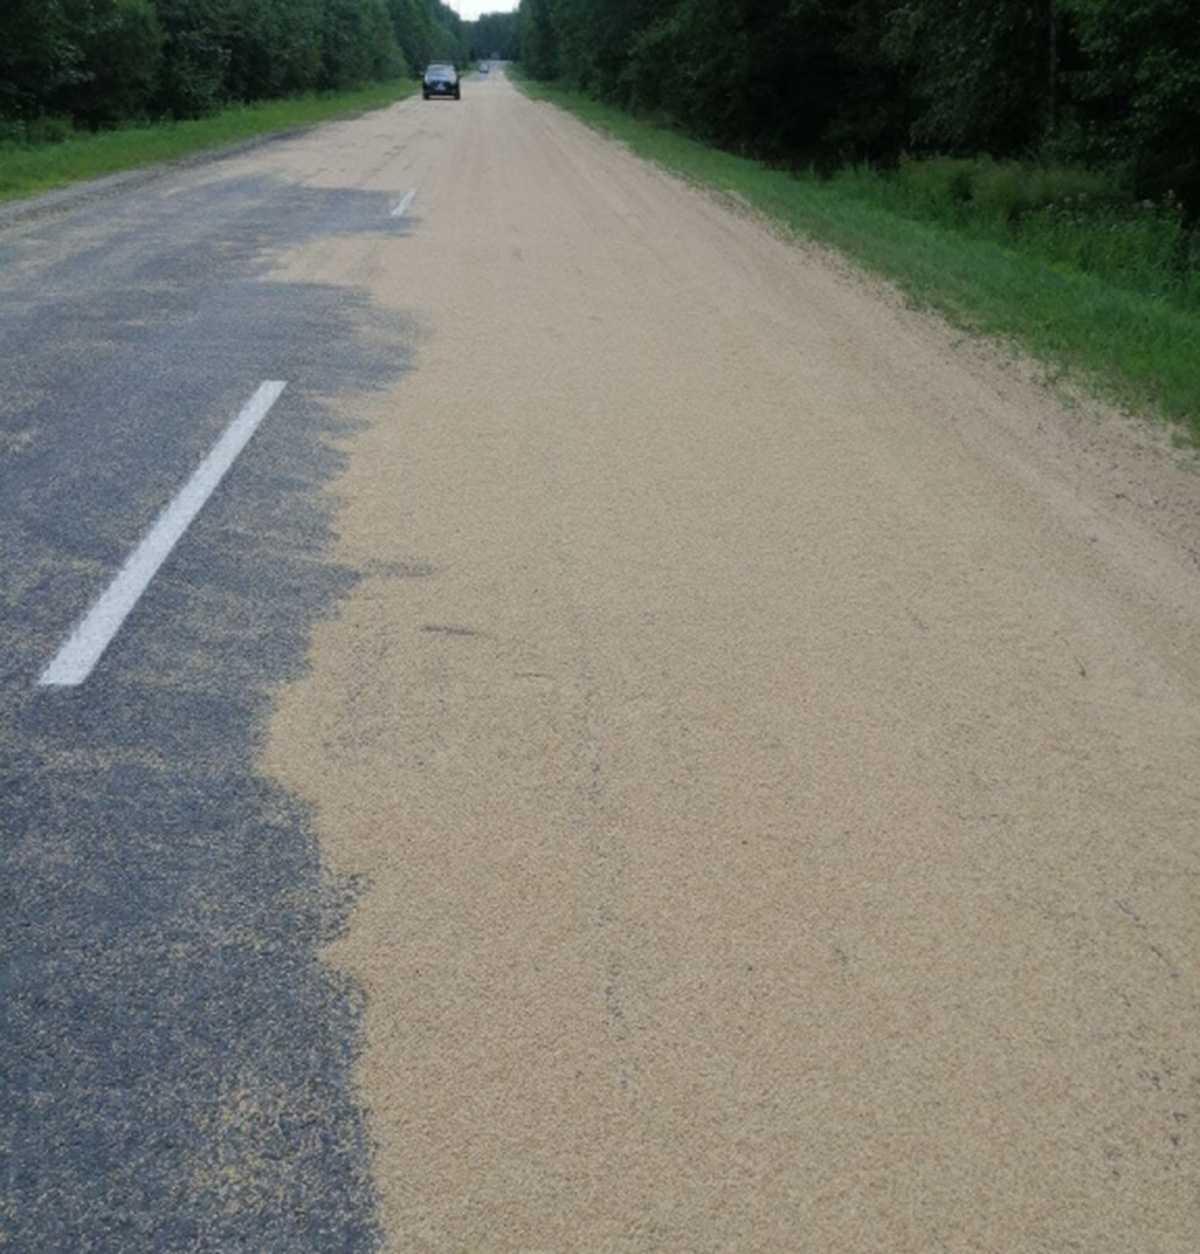 На дорогу высыпалось зерно